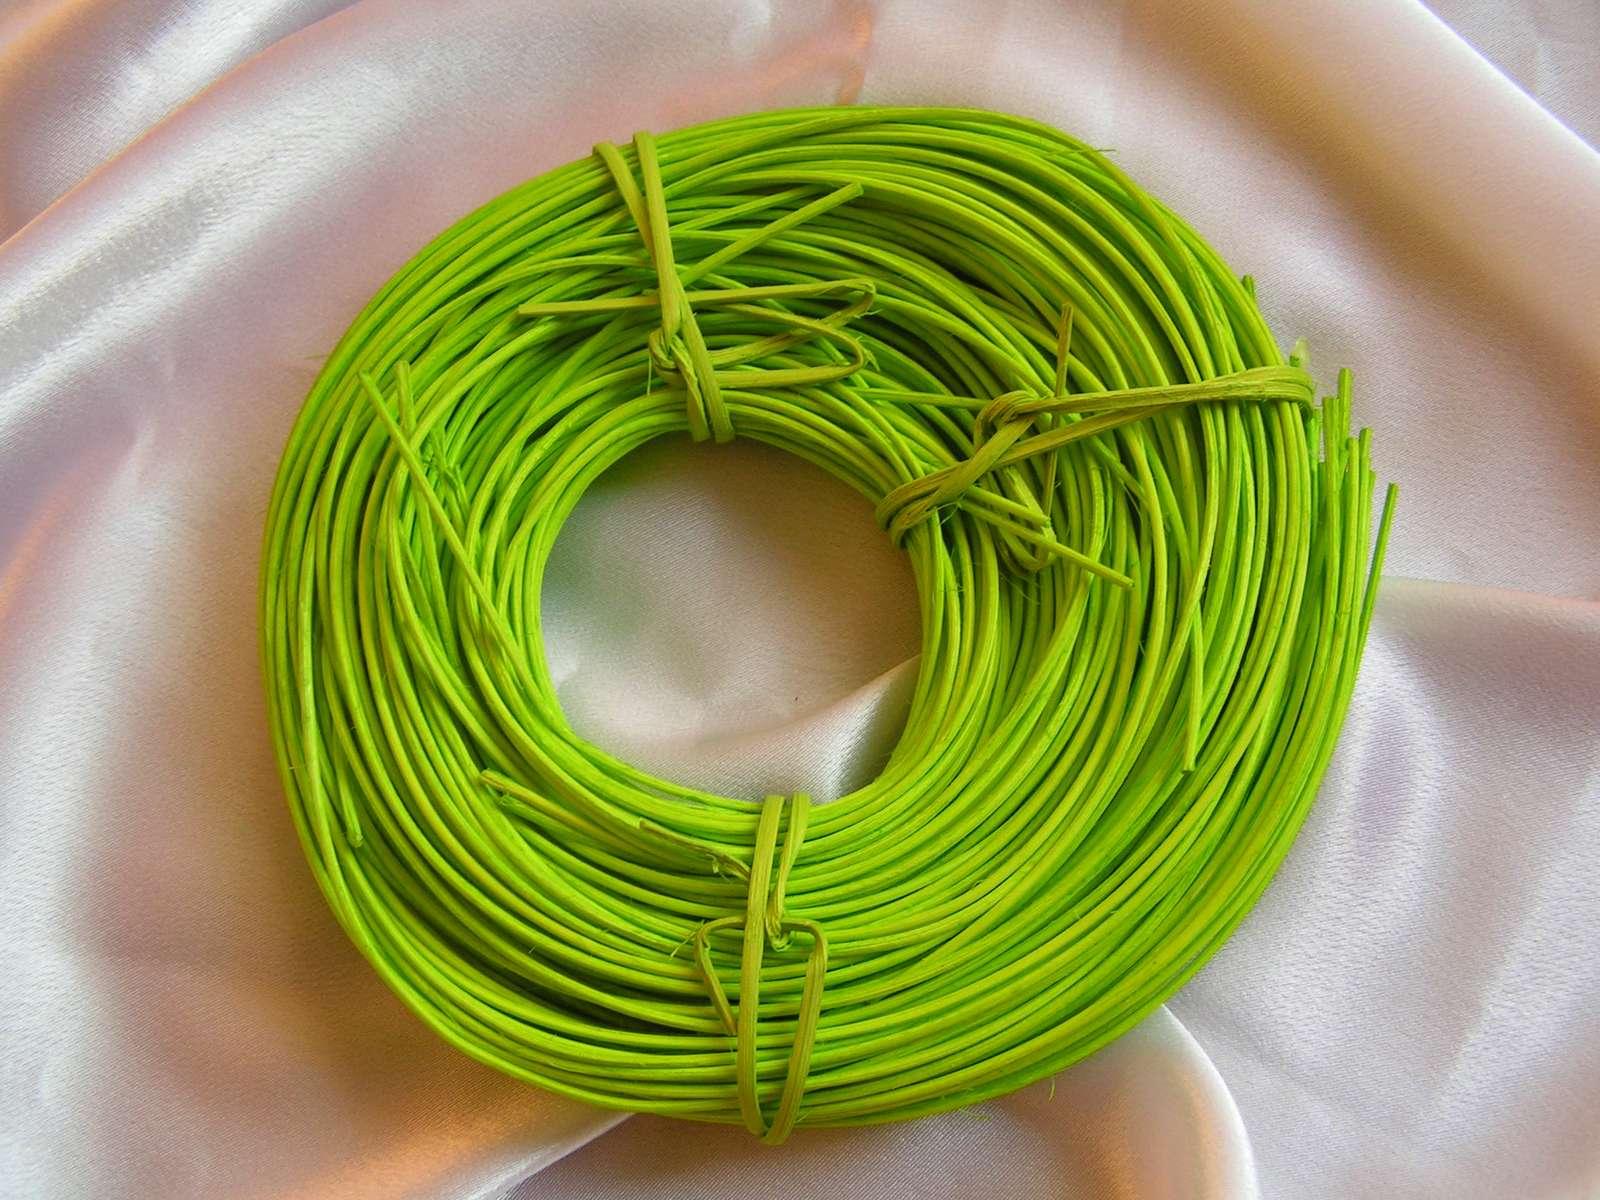 Pedig - zelený - Obrázek č. 1